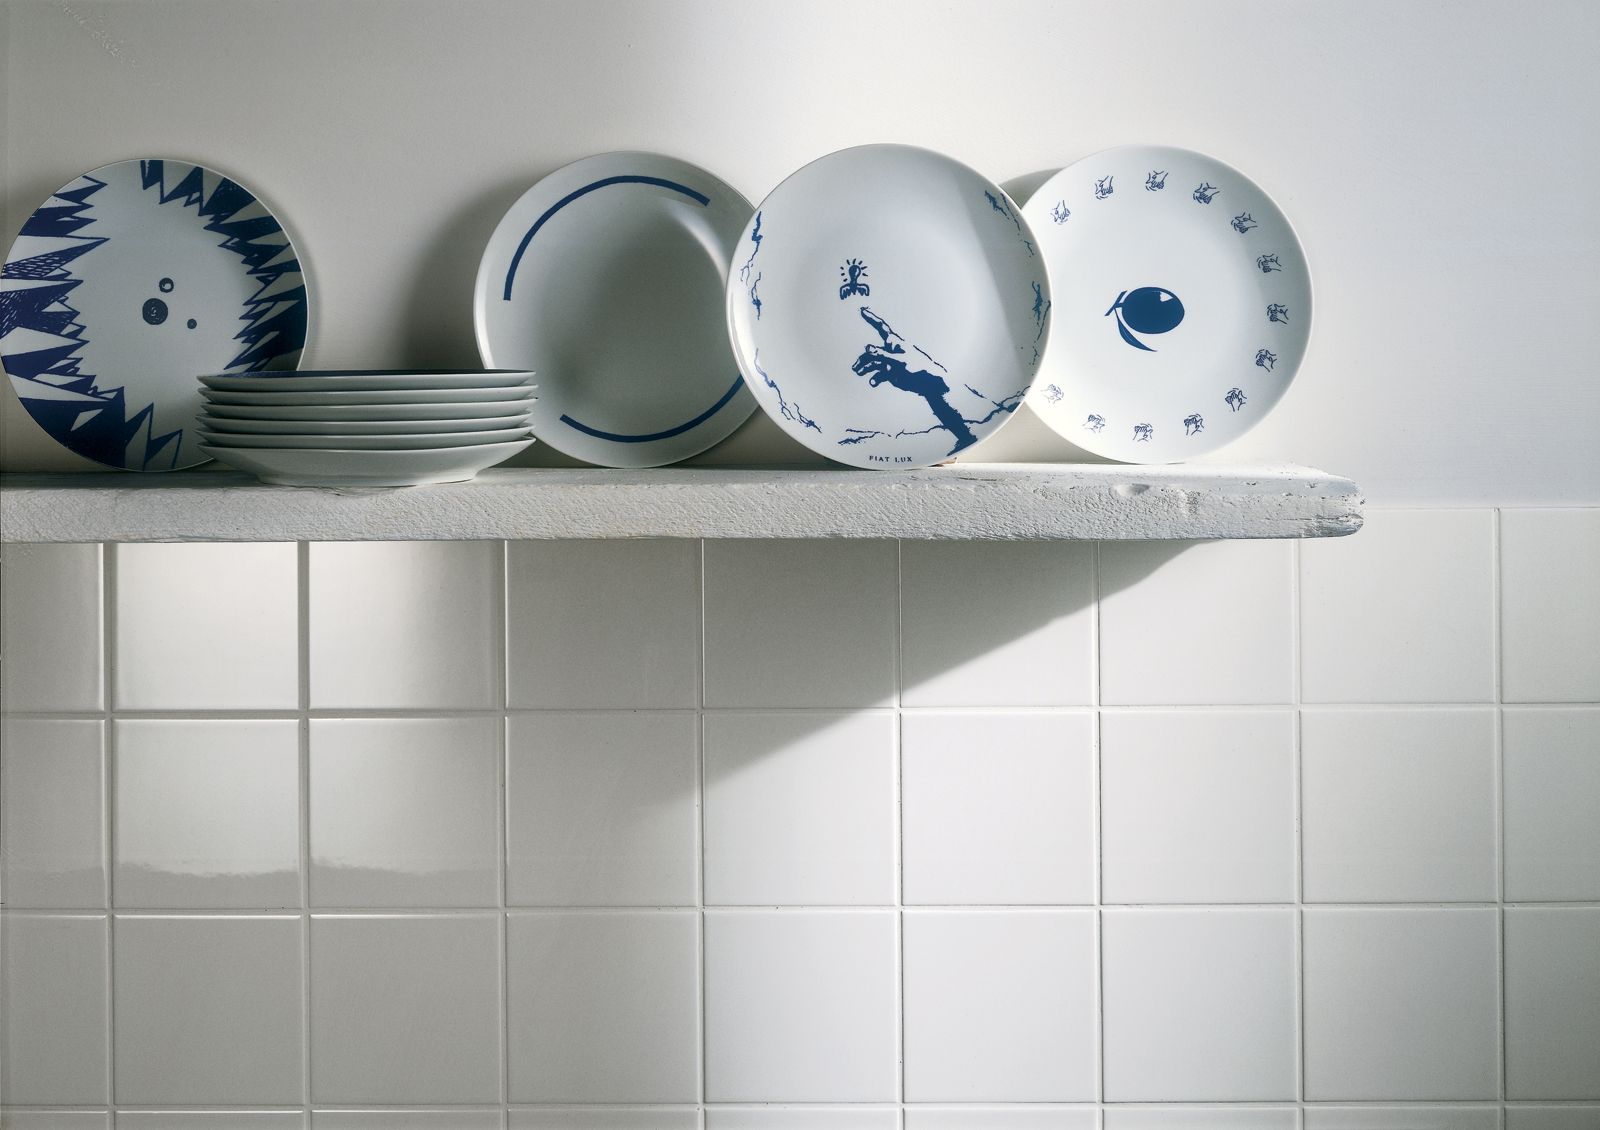 Bianchi piastrelle in ceramica per rivestimenti ragno - Mattonelle bagno ragno ...